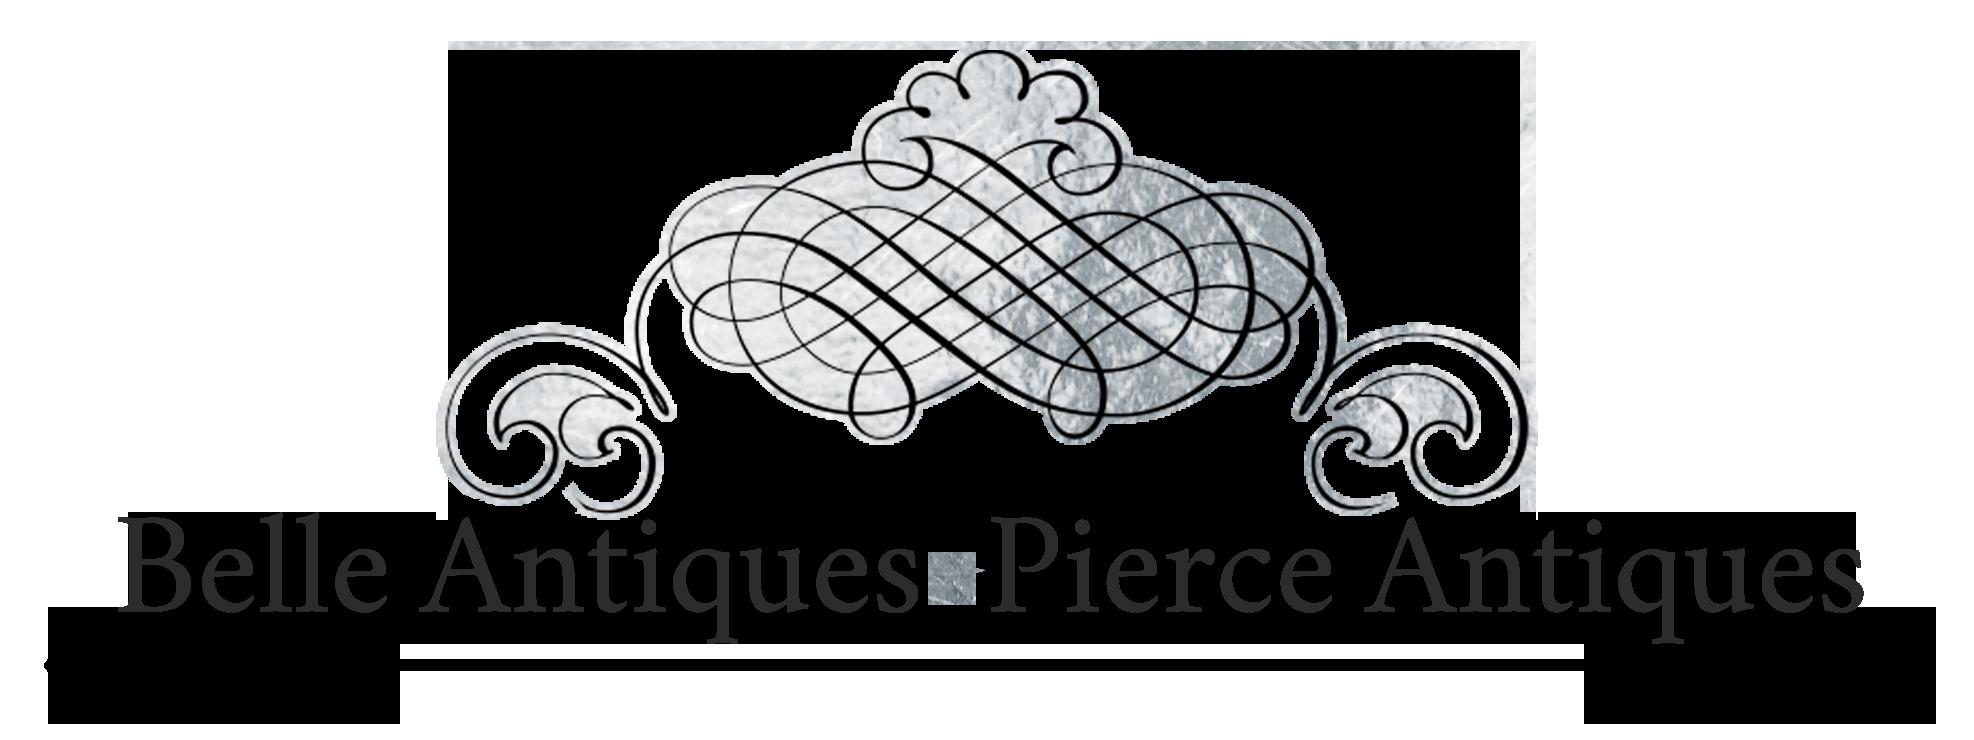 Belle~Pierce Antiques